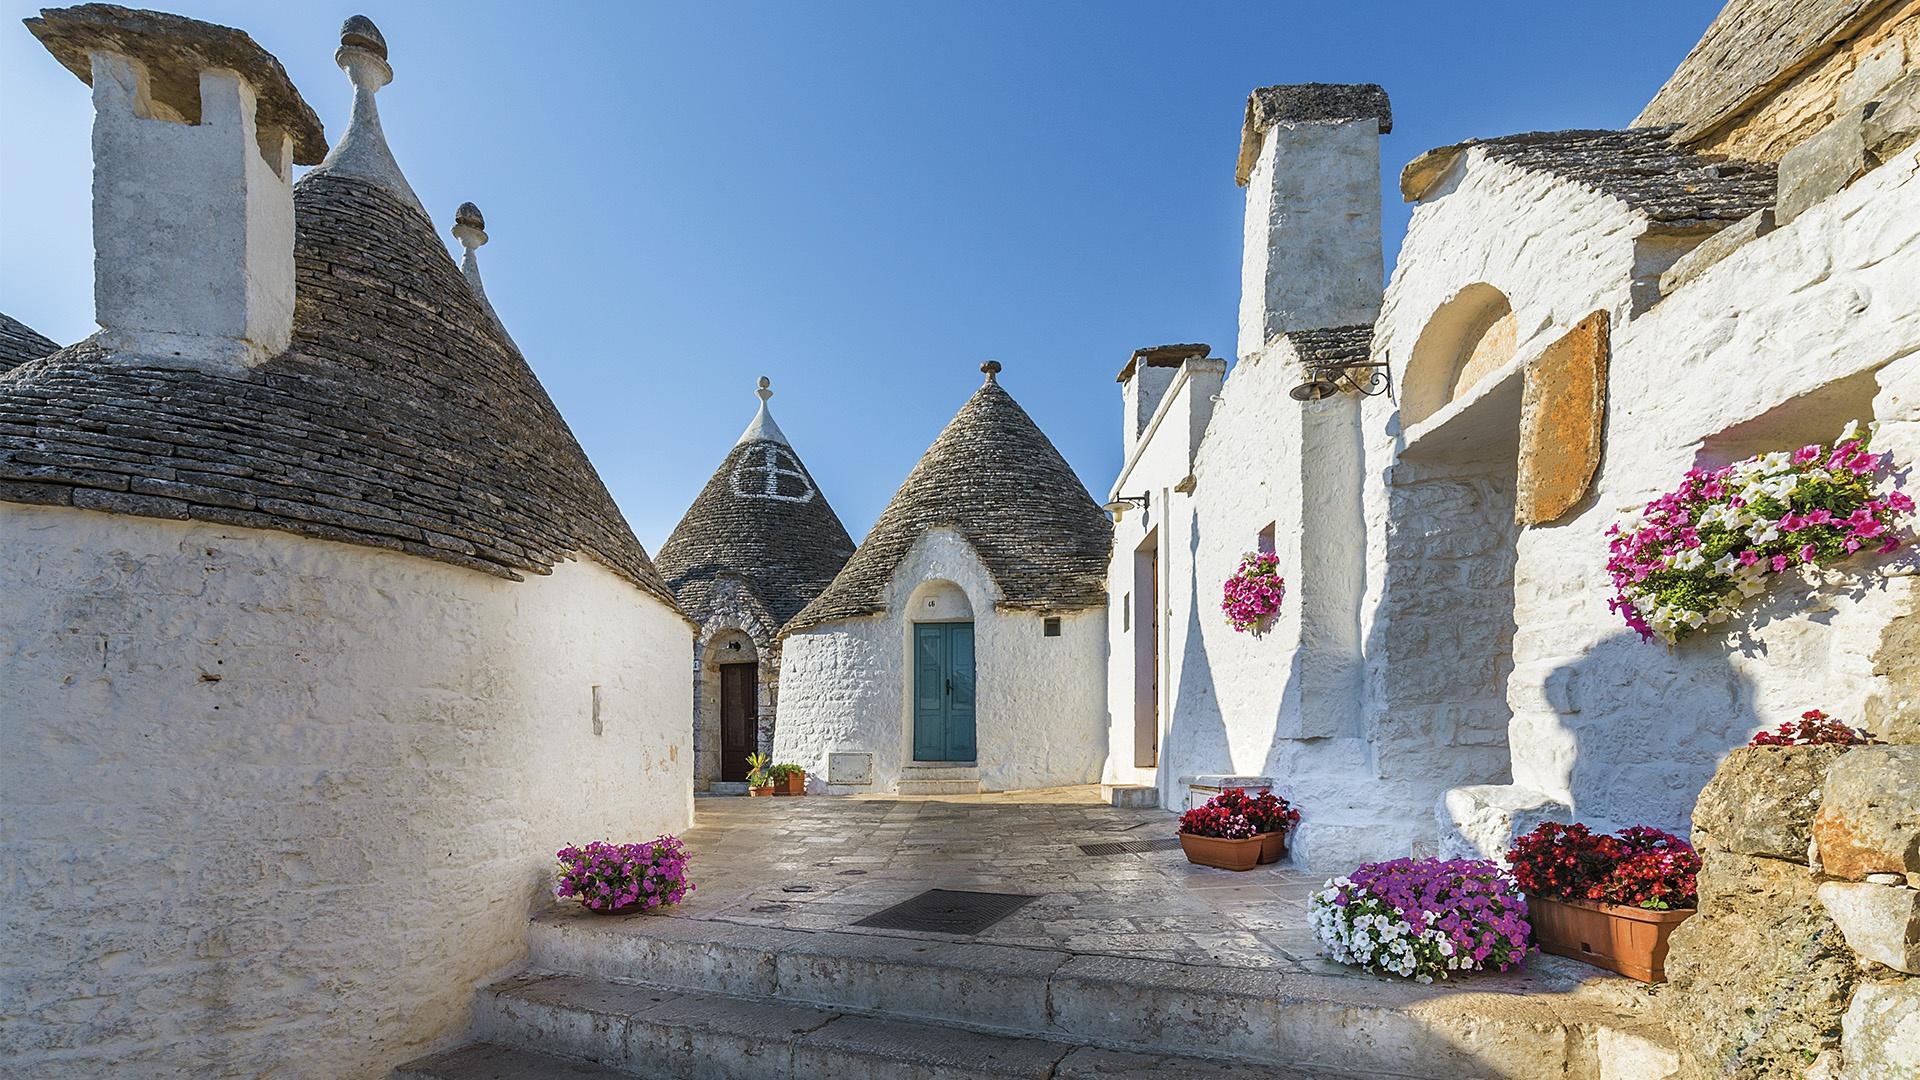 Alberobello houses style